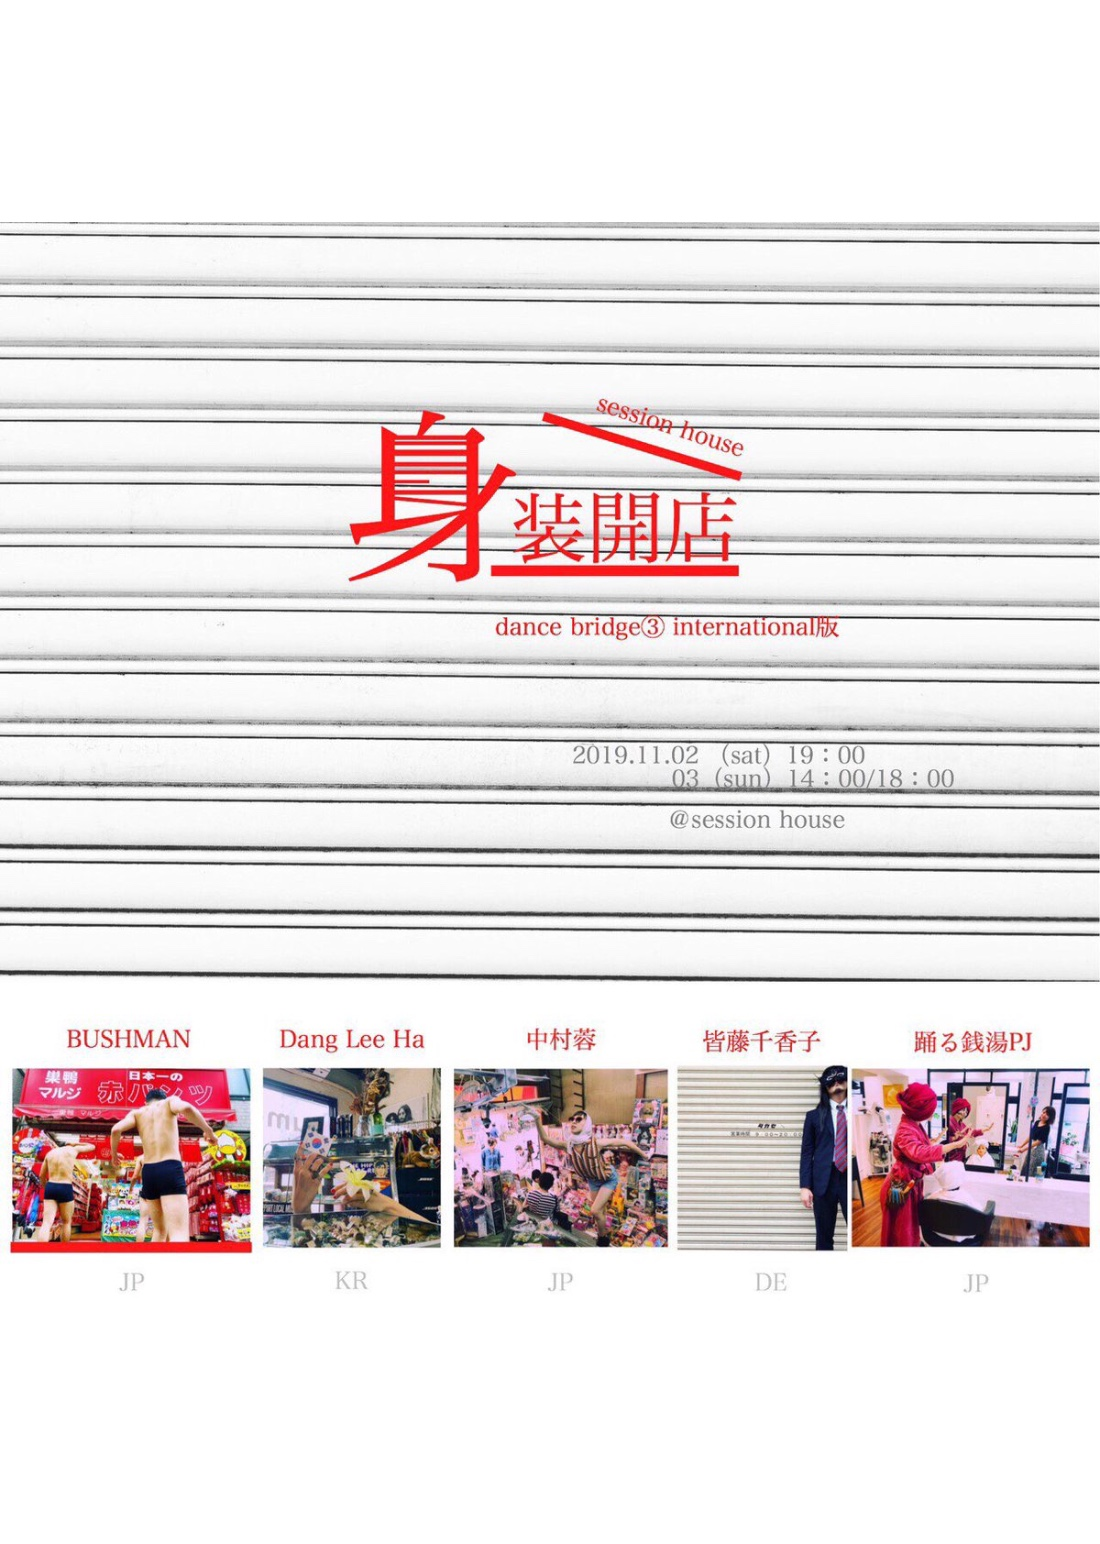 ダンスブリッジ③インターナショナル劇場 身装開店「肌束の尾」